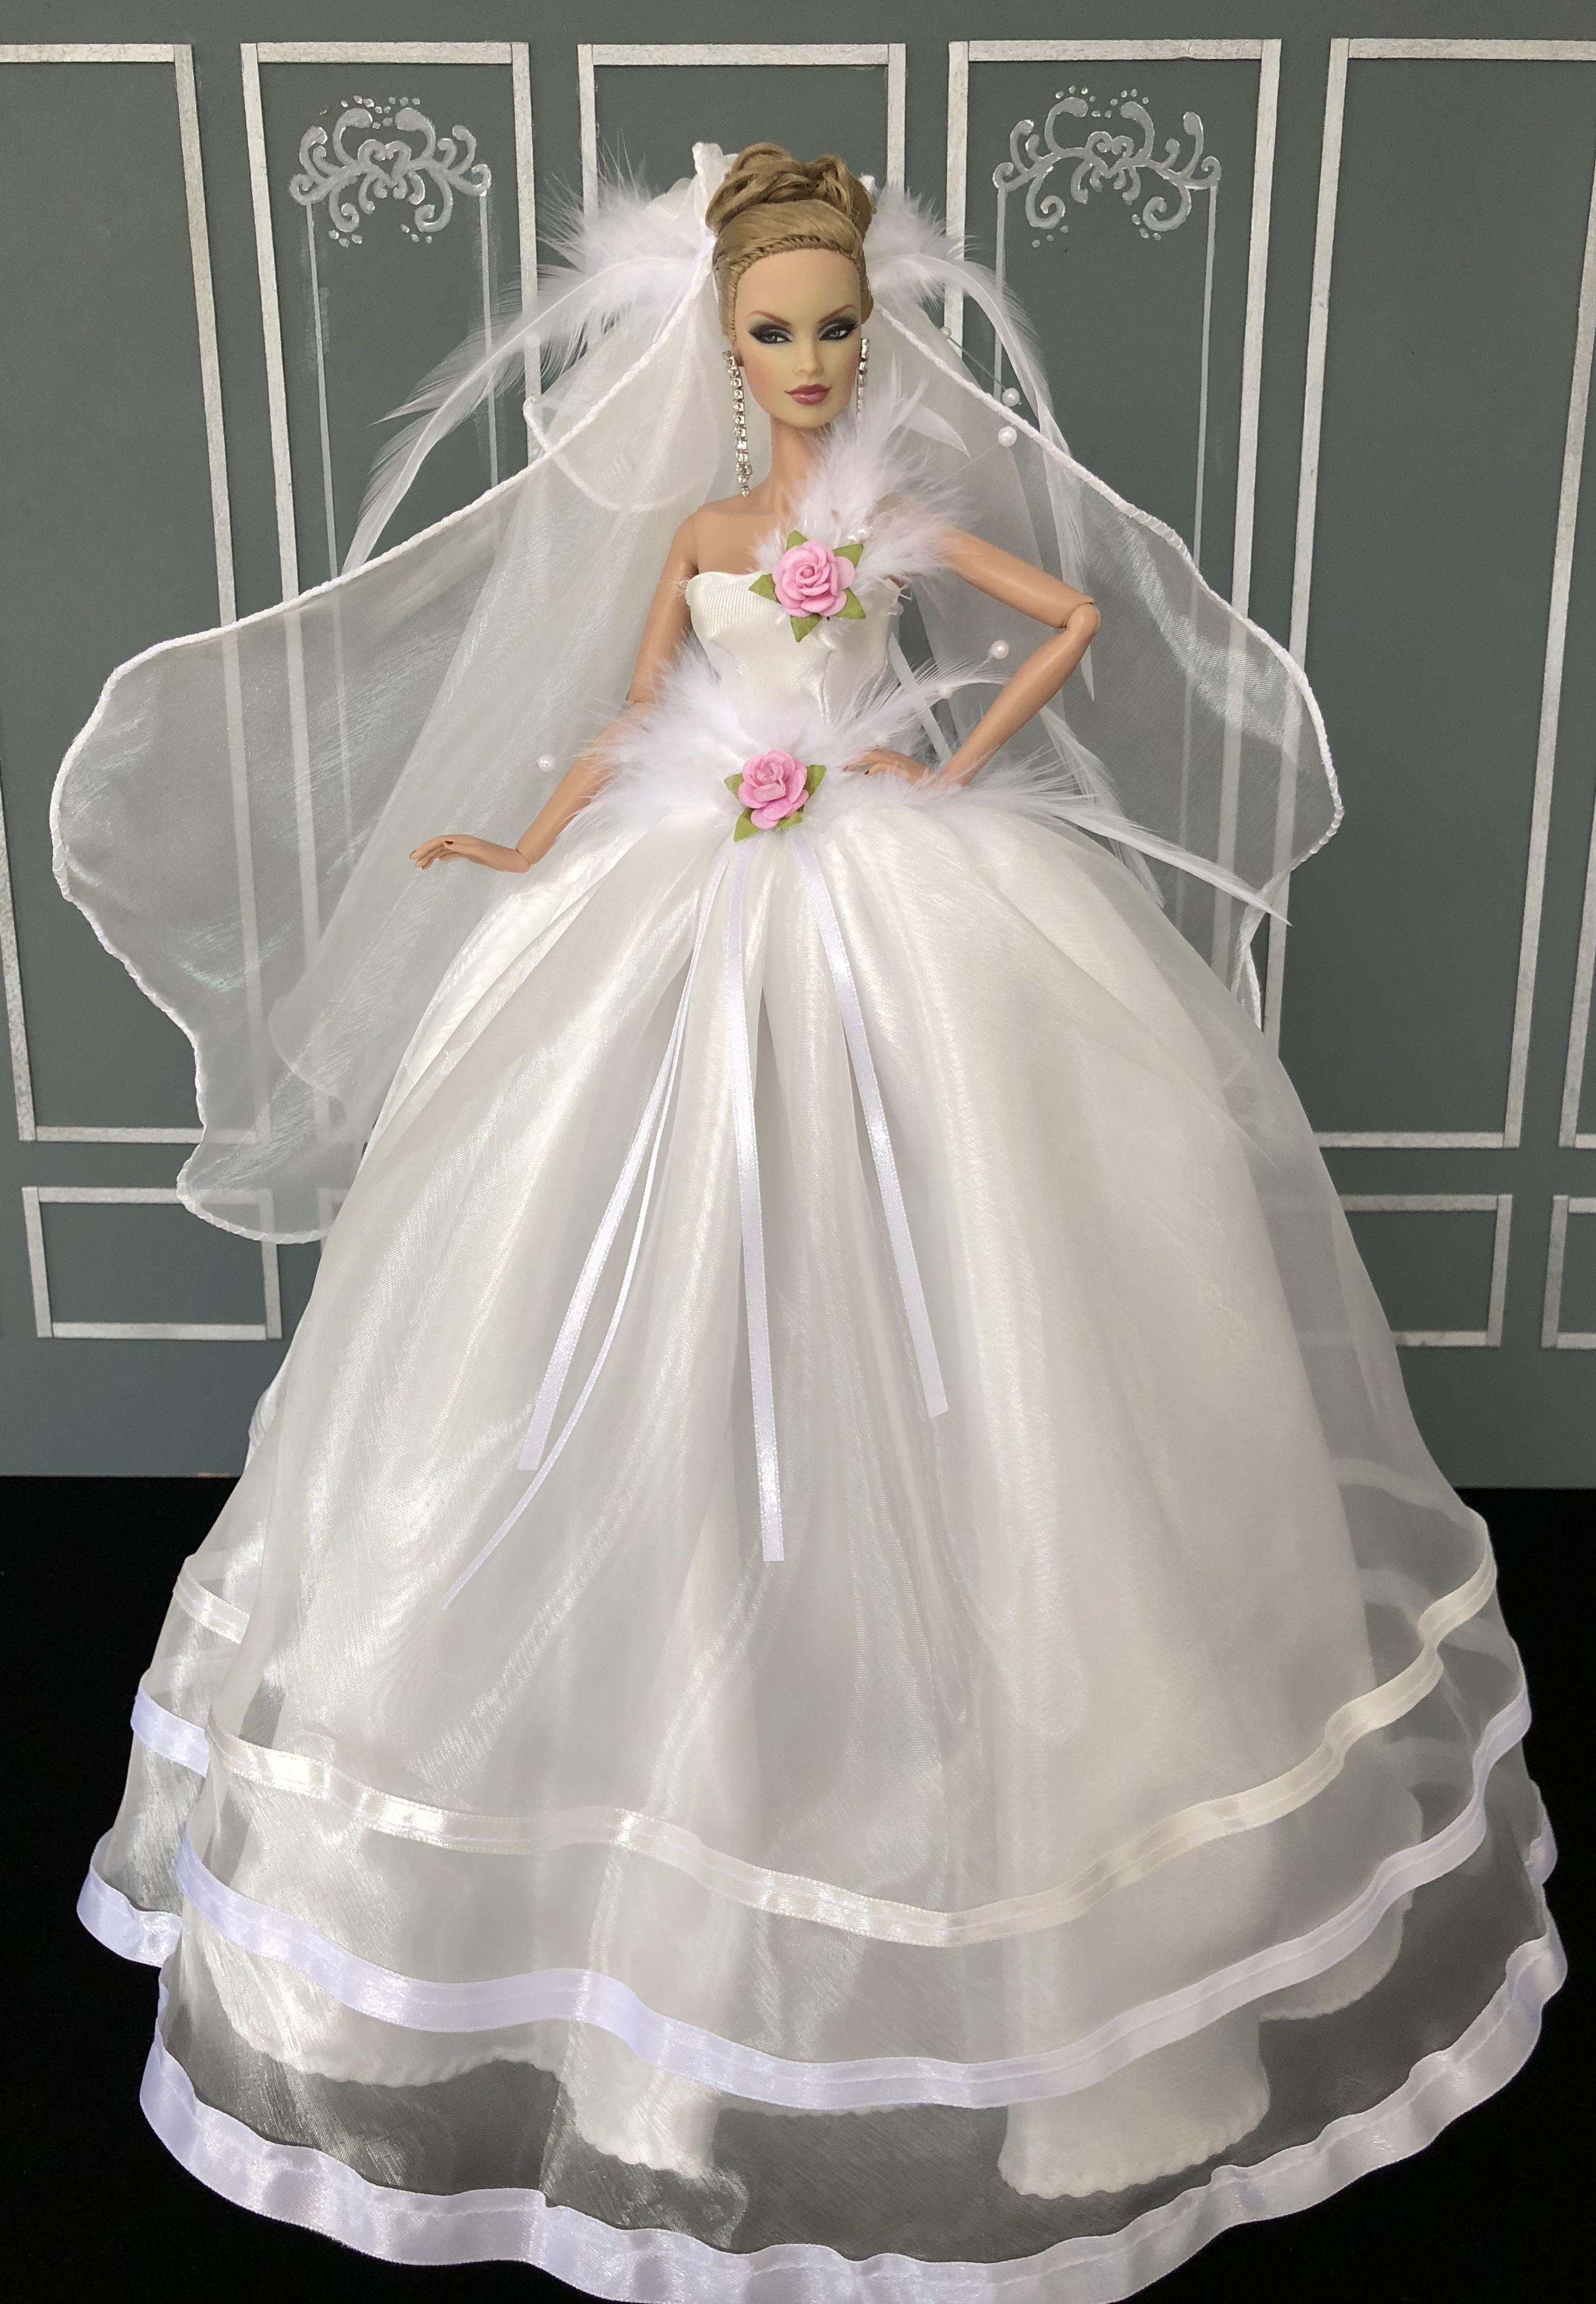 Pin by Elisabeth on Fahsai Design  Doll wedding dress, Barbie